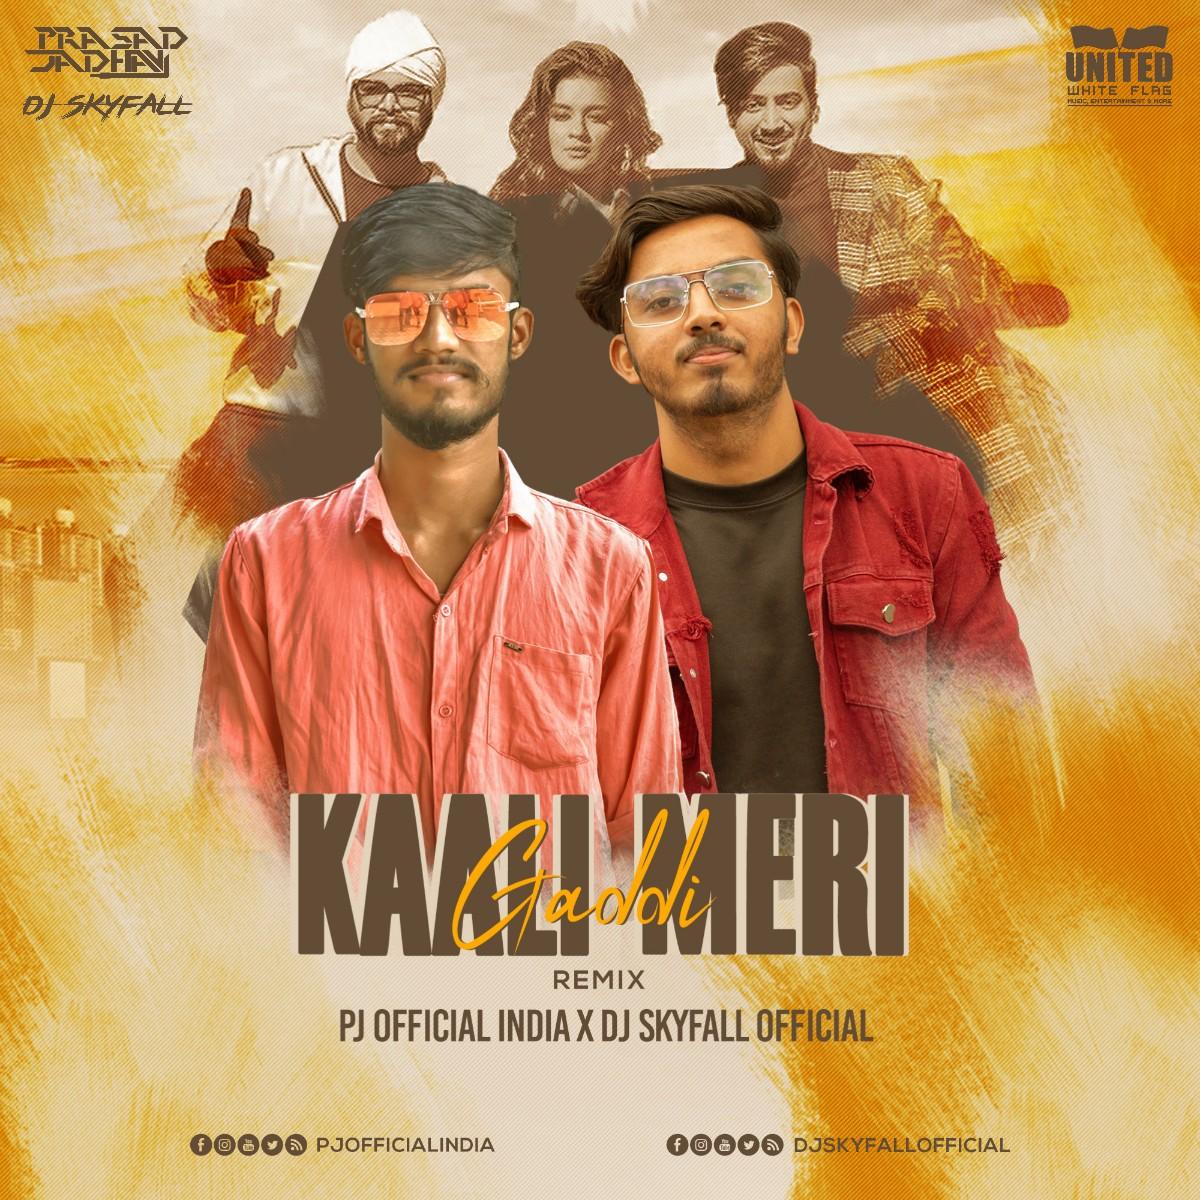 Kaali Meri Gaddi (Remix) - PJ OFFICIAL x DJ SKYFALL  Play/Download :: https://t.co/39kd9HyTbR  #KaaliMeriGaddi #Remix #RamjiGulati #MrFaisu #AvneetKaur #PJOFFICIAL #DJSKYFALL https://t.co/YN7YqhtL53